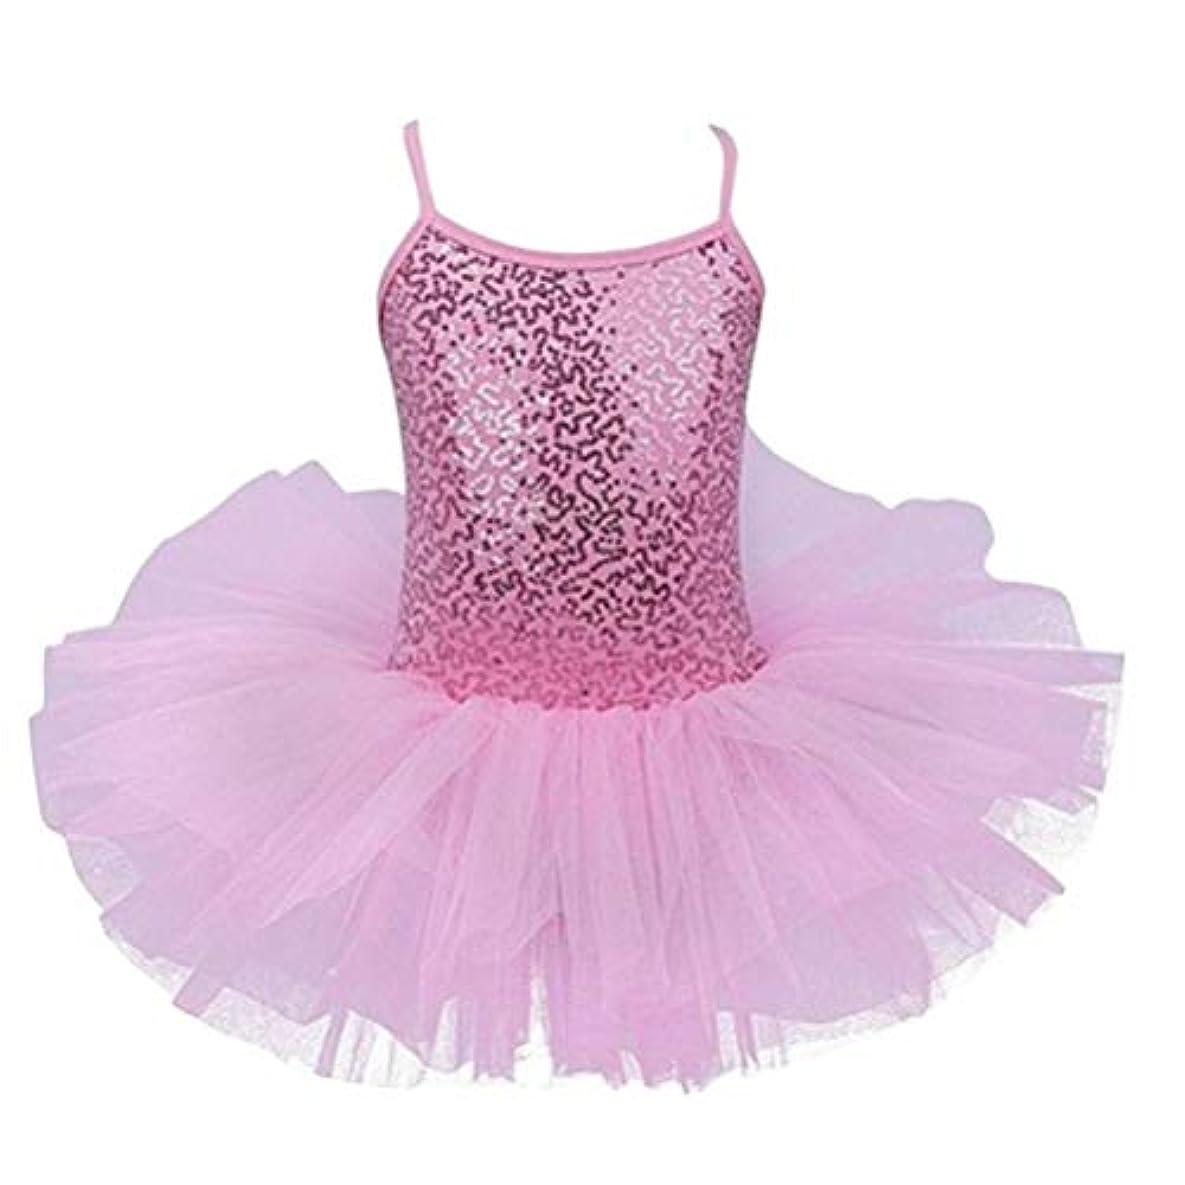 ライド基礎余暇LIOOBO ガールズチュチュドレススパンコールキャミソールバレエダンスレオタードスカートサイズM(ピンク)